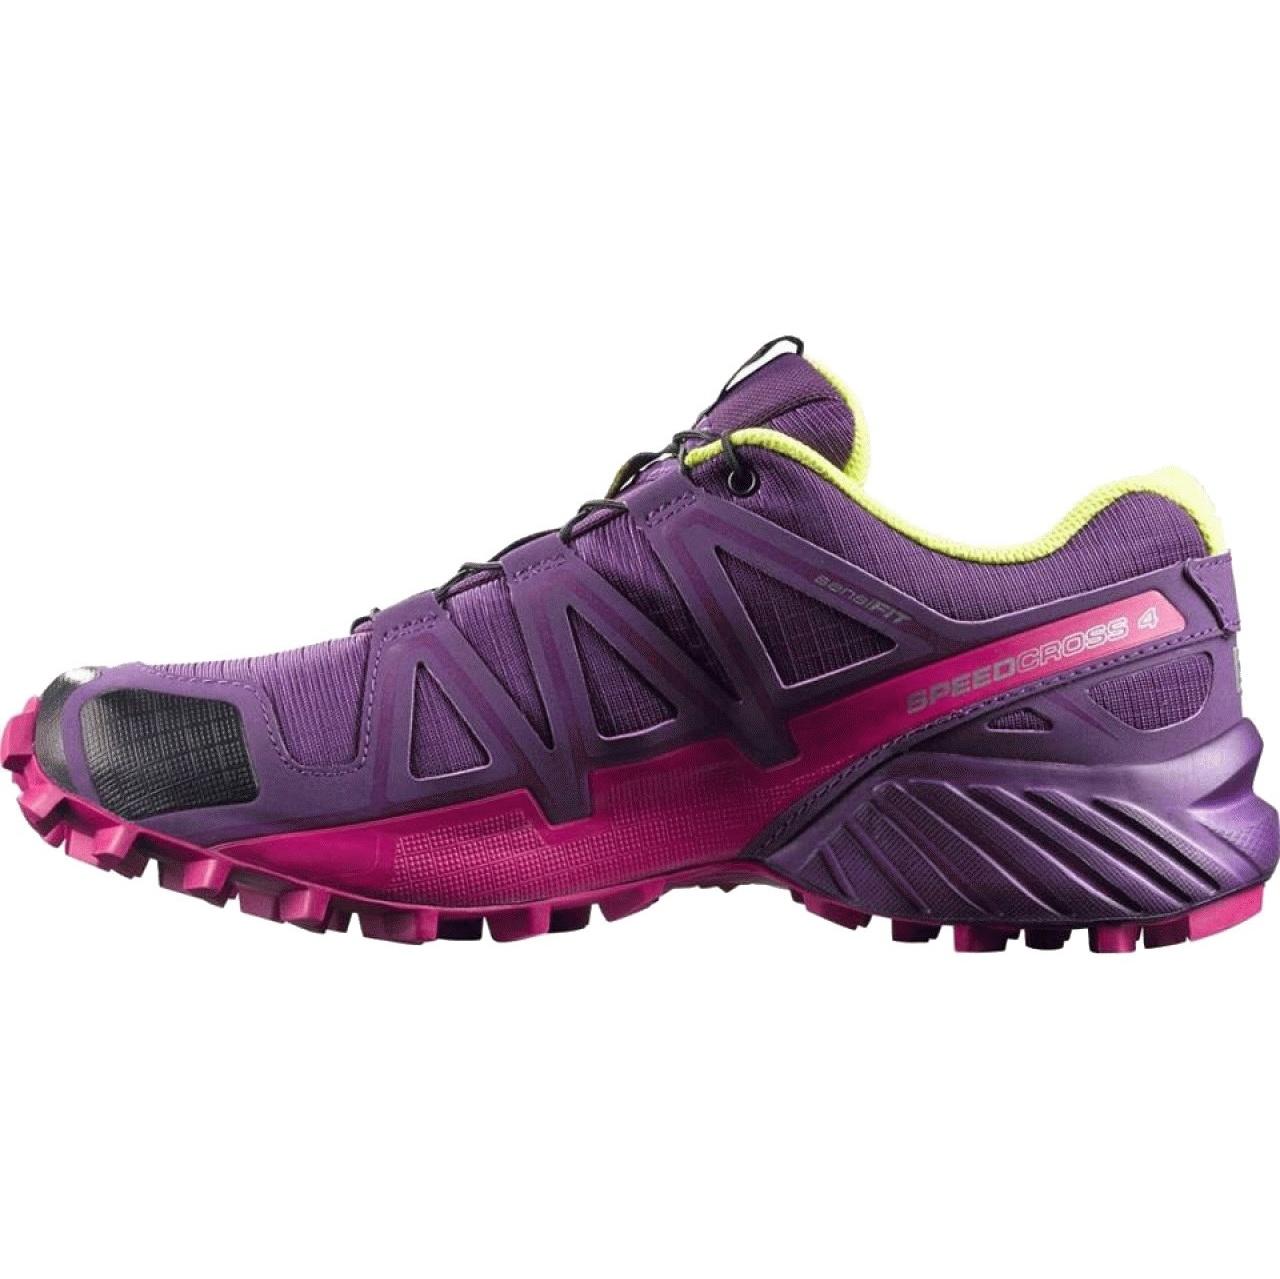 خرید اینترنتی                     کفش کوهنوردی زنانه سالومون مدل Speedcross 4